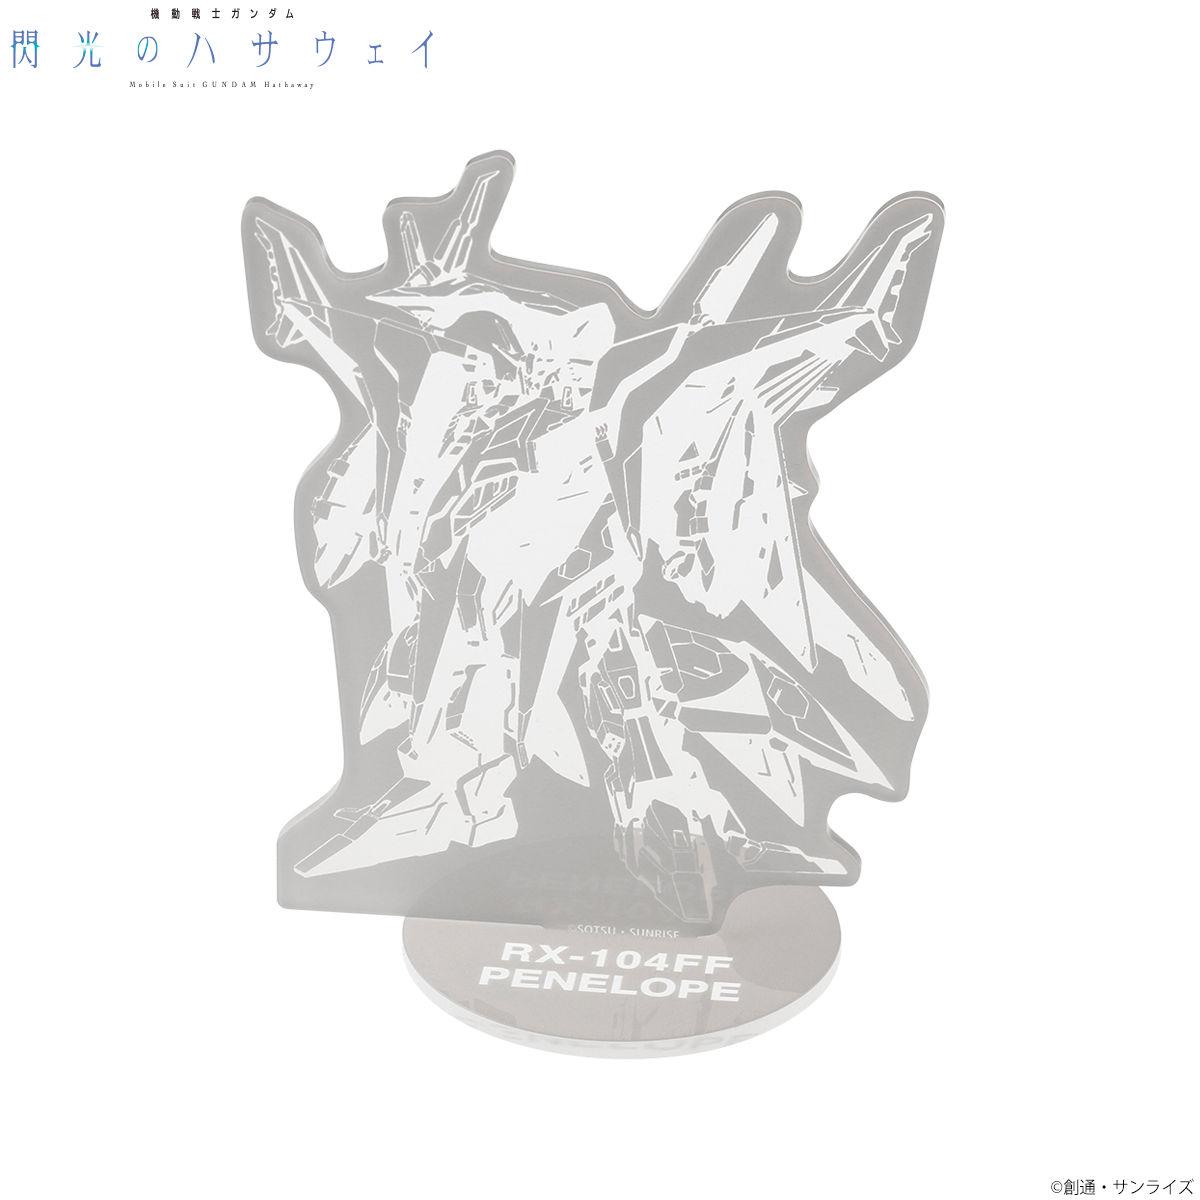 Acrylic Standee—Mobile Suit Gundam Hathaway